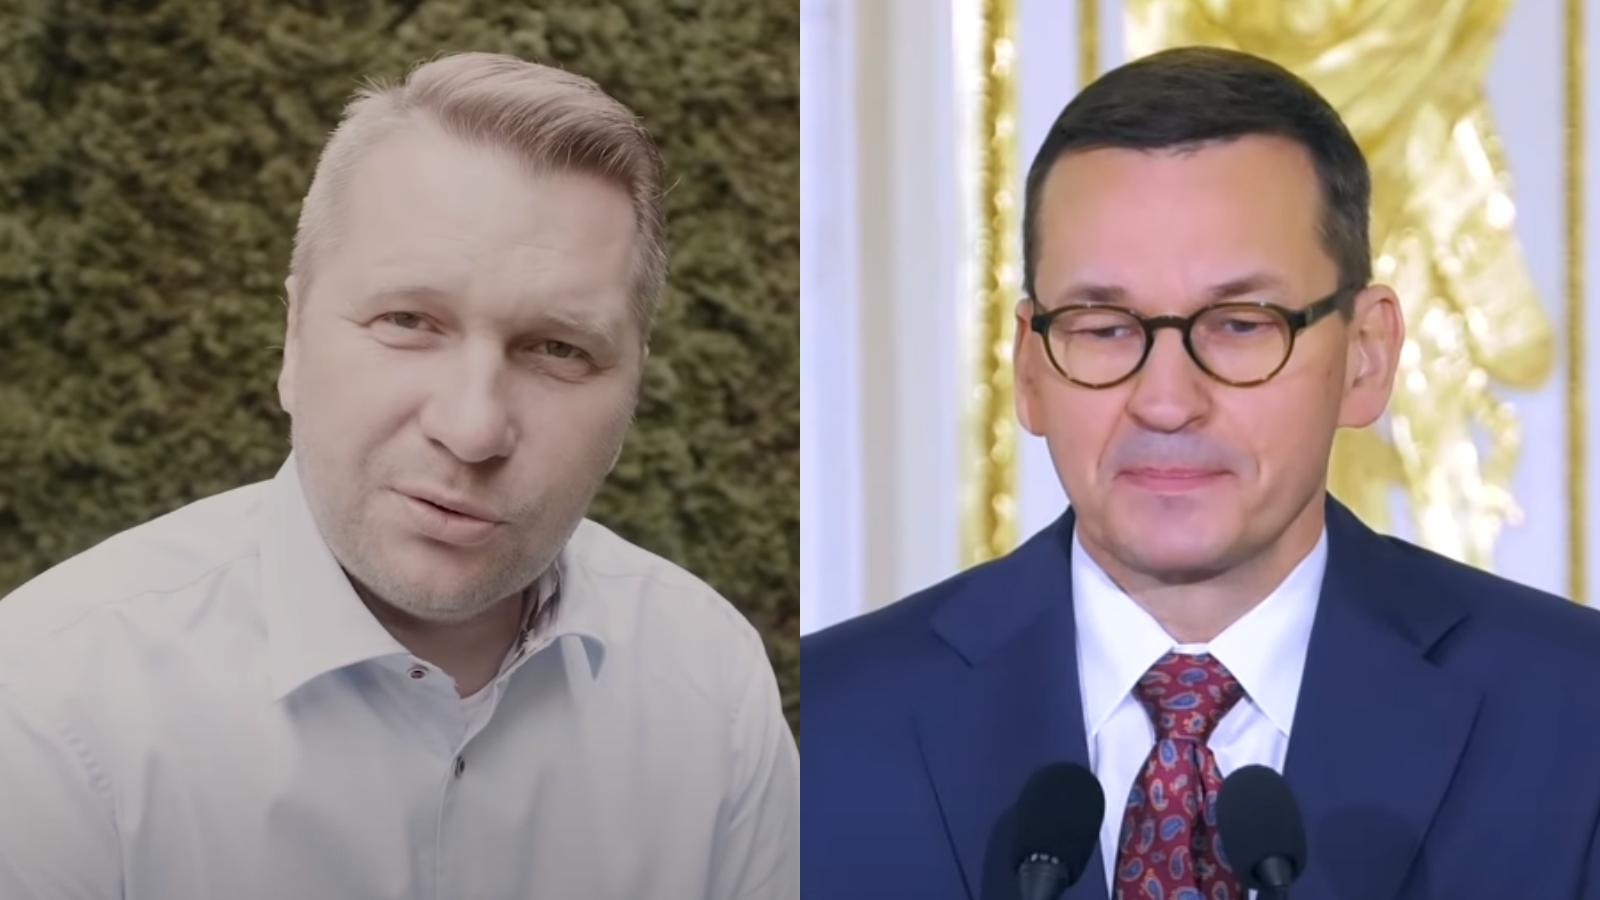 """Co Morawiecki sądzi oreformie oświaty Czarnka? """"Dopasowana dowyzwań współczesności"""""""